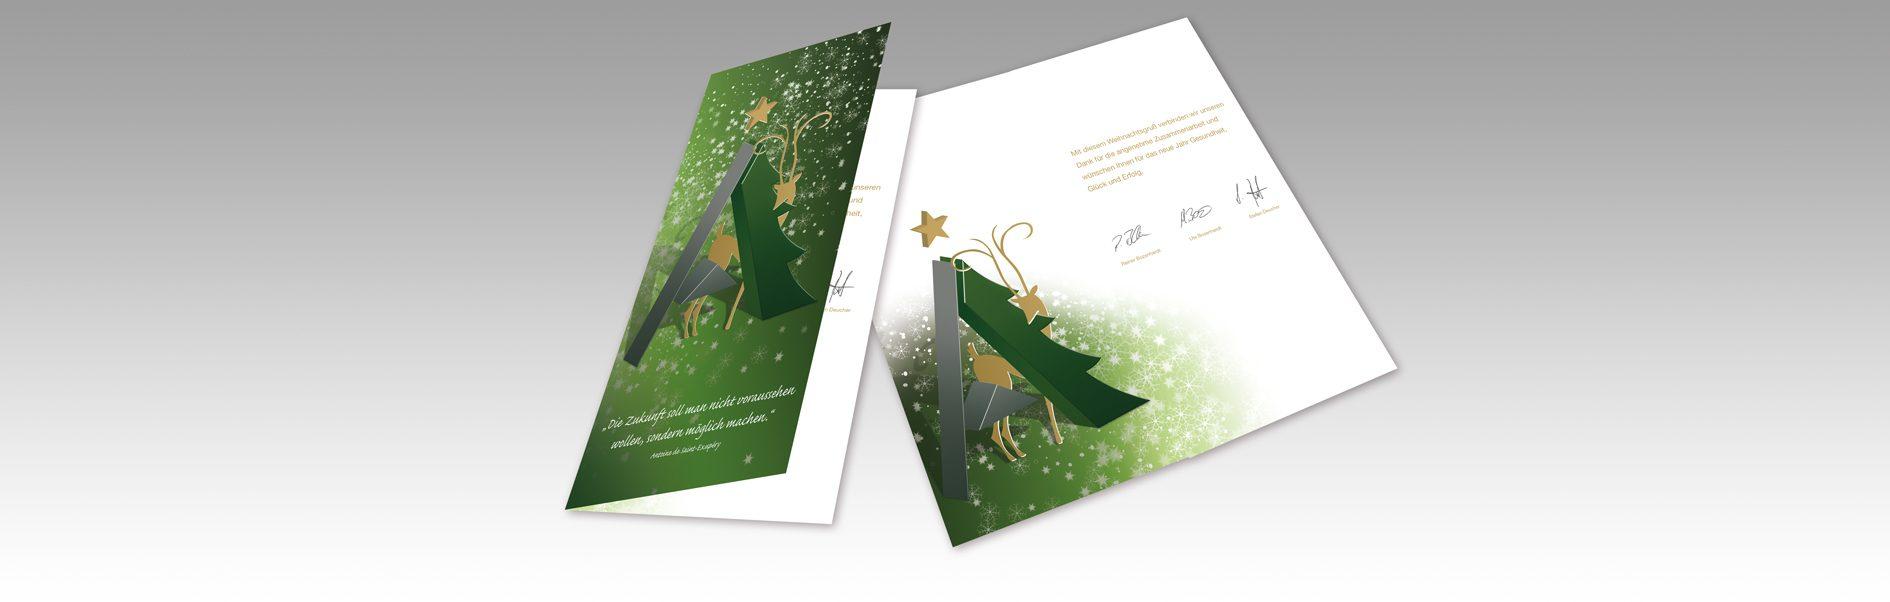 Hier ist die Weihnachtskarte unseres Kunden Private Akademie abgebildet.